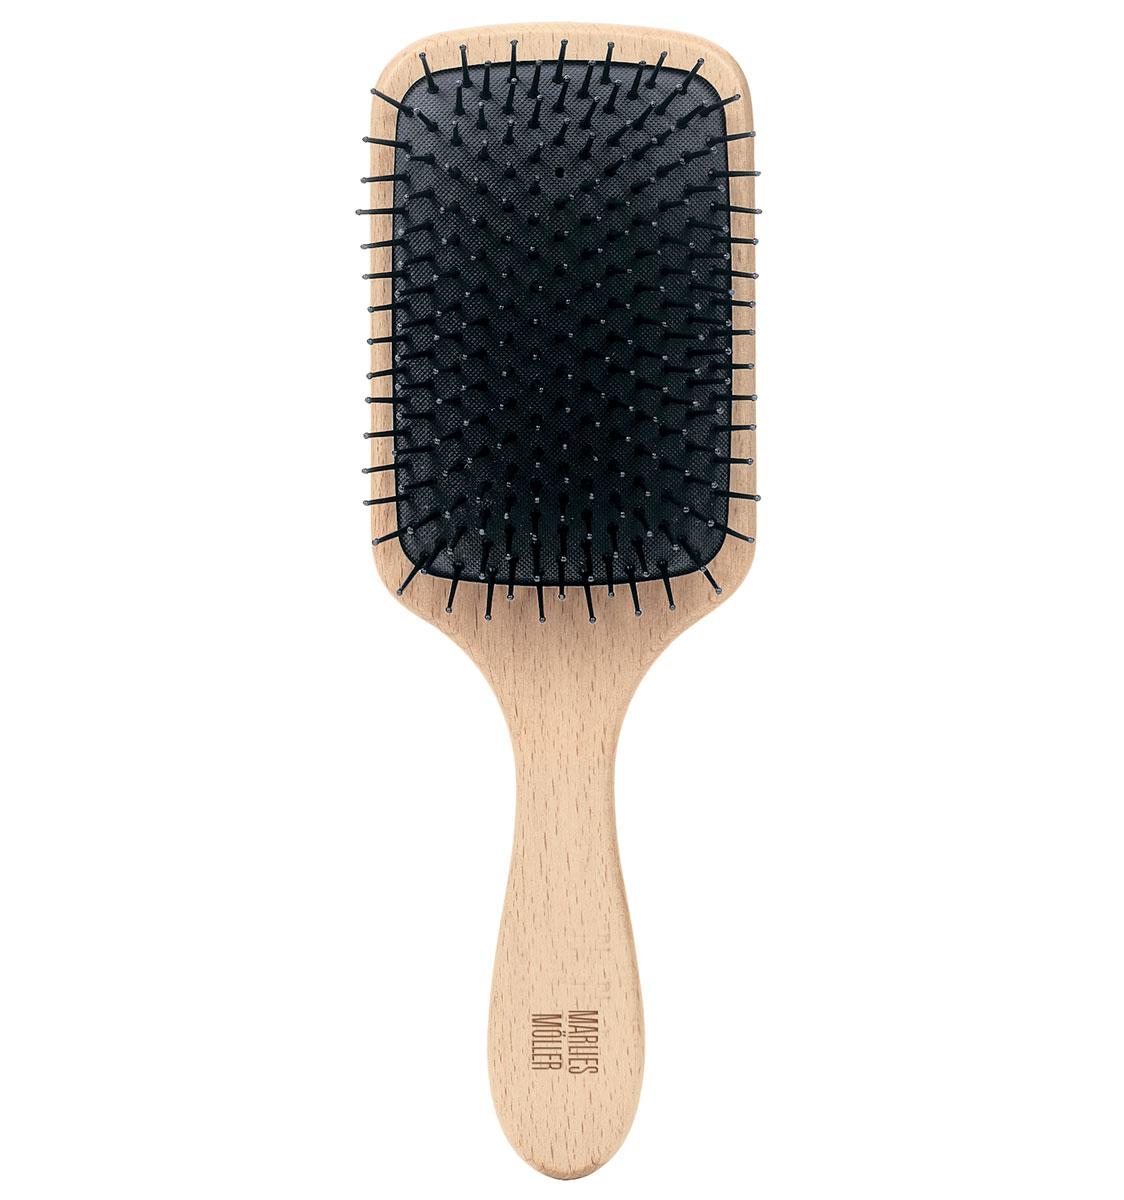 Marlies Moller Щетка массажная для волос, большаяCF5512F4Щетка называется - профессиональный массаж. Она прекрасно массирует и оживляет кожу головы. Усиливает кровообращение, следовательно, стимулирует рост сильных и здоровых волос. Причем, не нужно делать массаж в 4-х направлениях (экономит время). Просто приложите щетку к правому виску и двигайтесь, совершая мягкие массажные движения, по направлению к затылку. Повторяйте этот простой, но эффективный массаж, завершите, когда достигните левого виска. От уха до уха максимум 3 раза. Щетка подходит для чувствительной кожи головы, мягкая амортизация благодаря подушке из естественного каучука. Бережно распутывает влажные волосы. Идеальна даже для влажных длинных волос.Приложите щетку к правому виску и двигайтесь, совершая мягкие массажные движения, по направлению к затылку. Повторяйте этот простой, но эффективный массаж, завершите, когда достигните левого виска